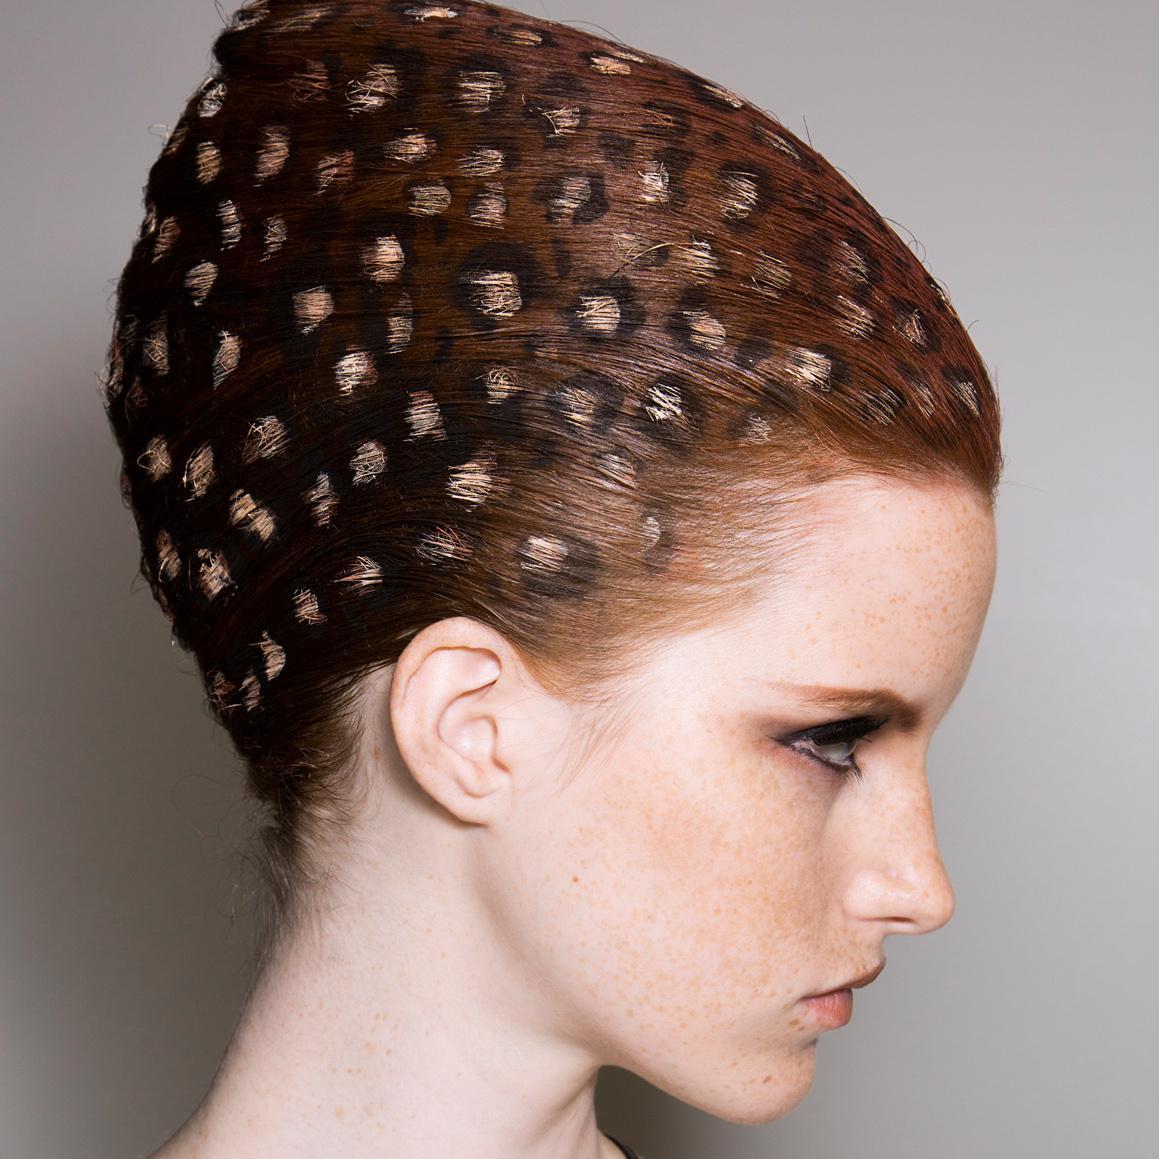 Αποτέλεσμα εικόνας για hair stenciling